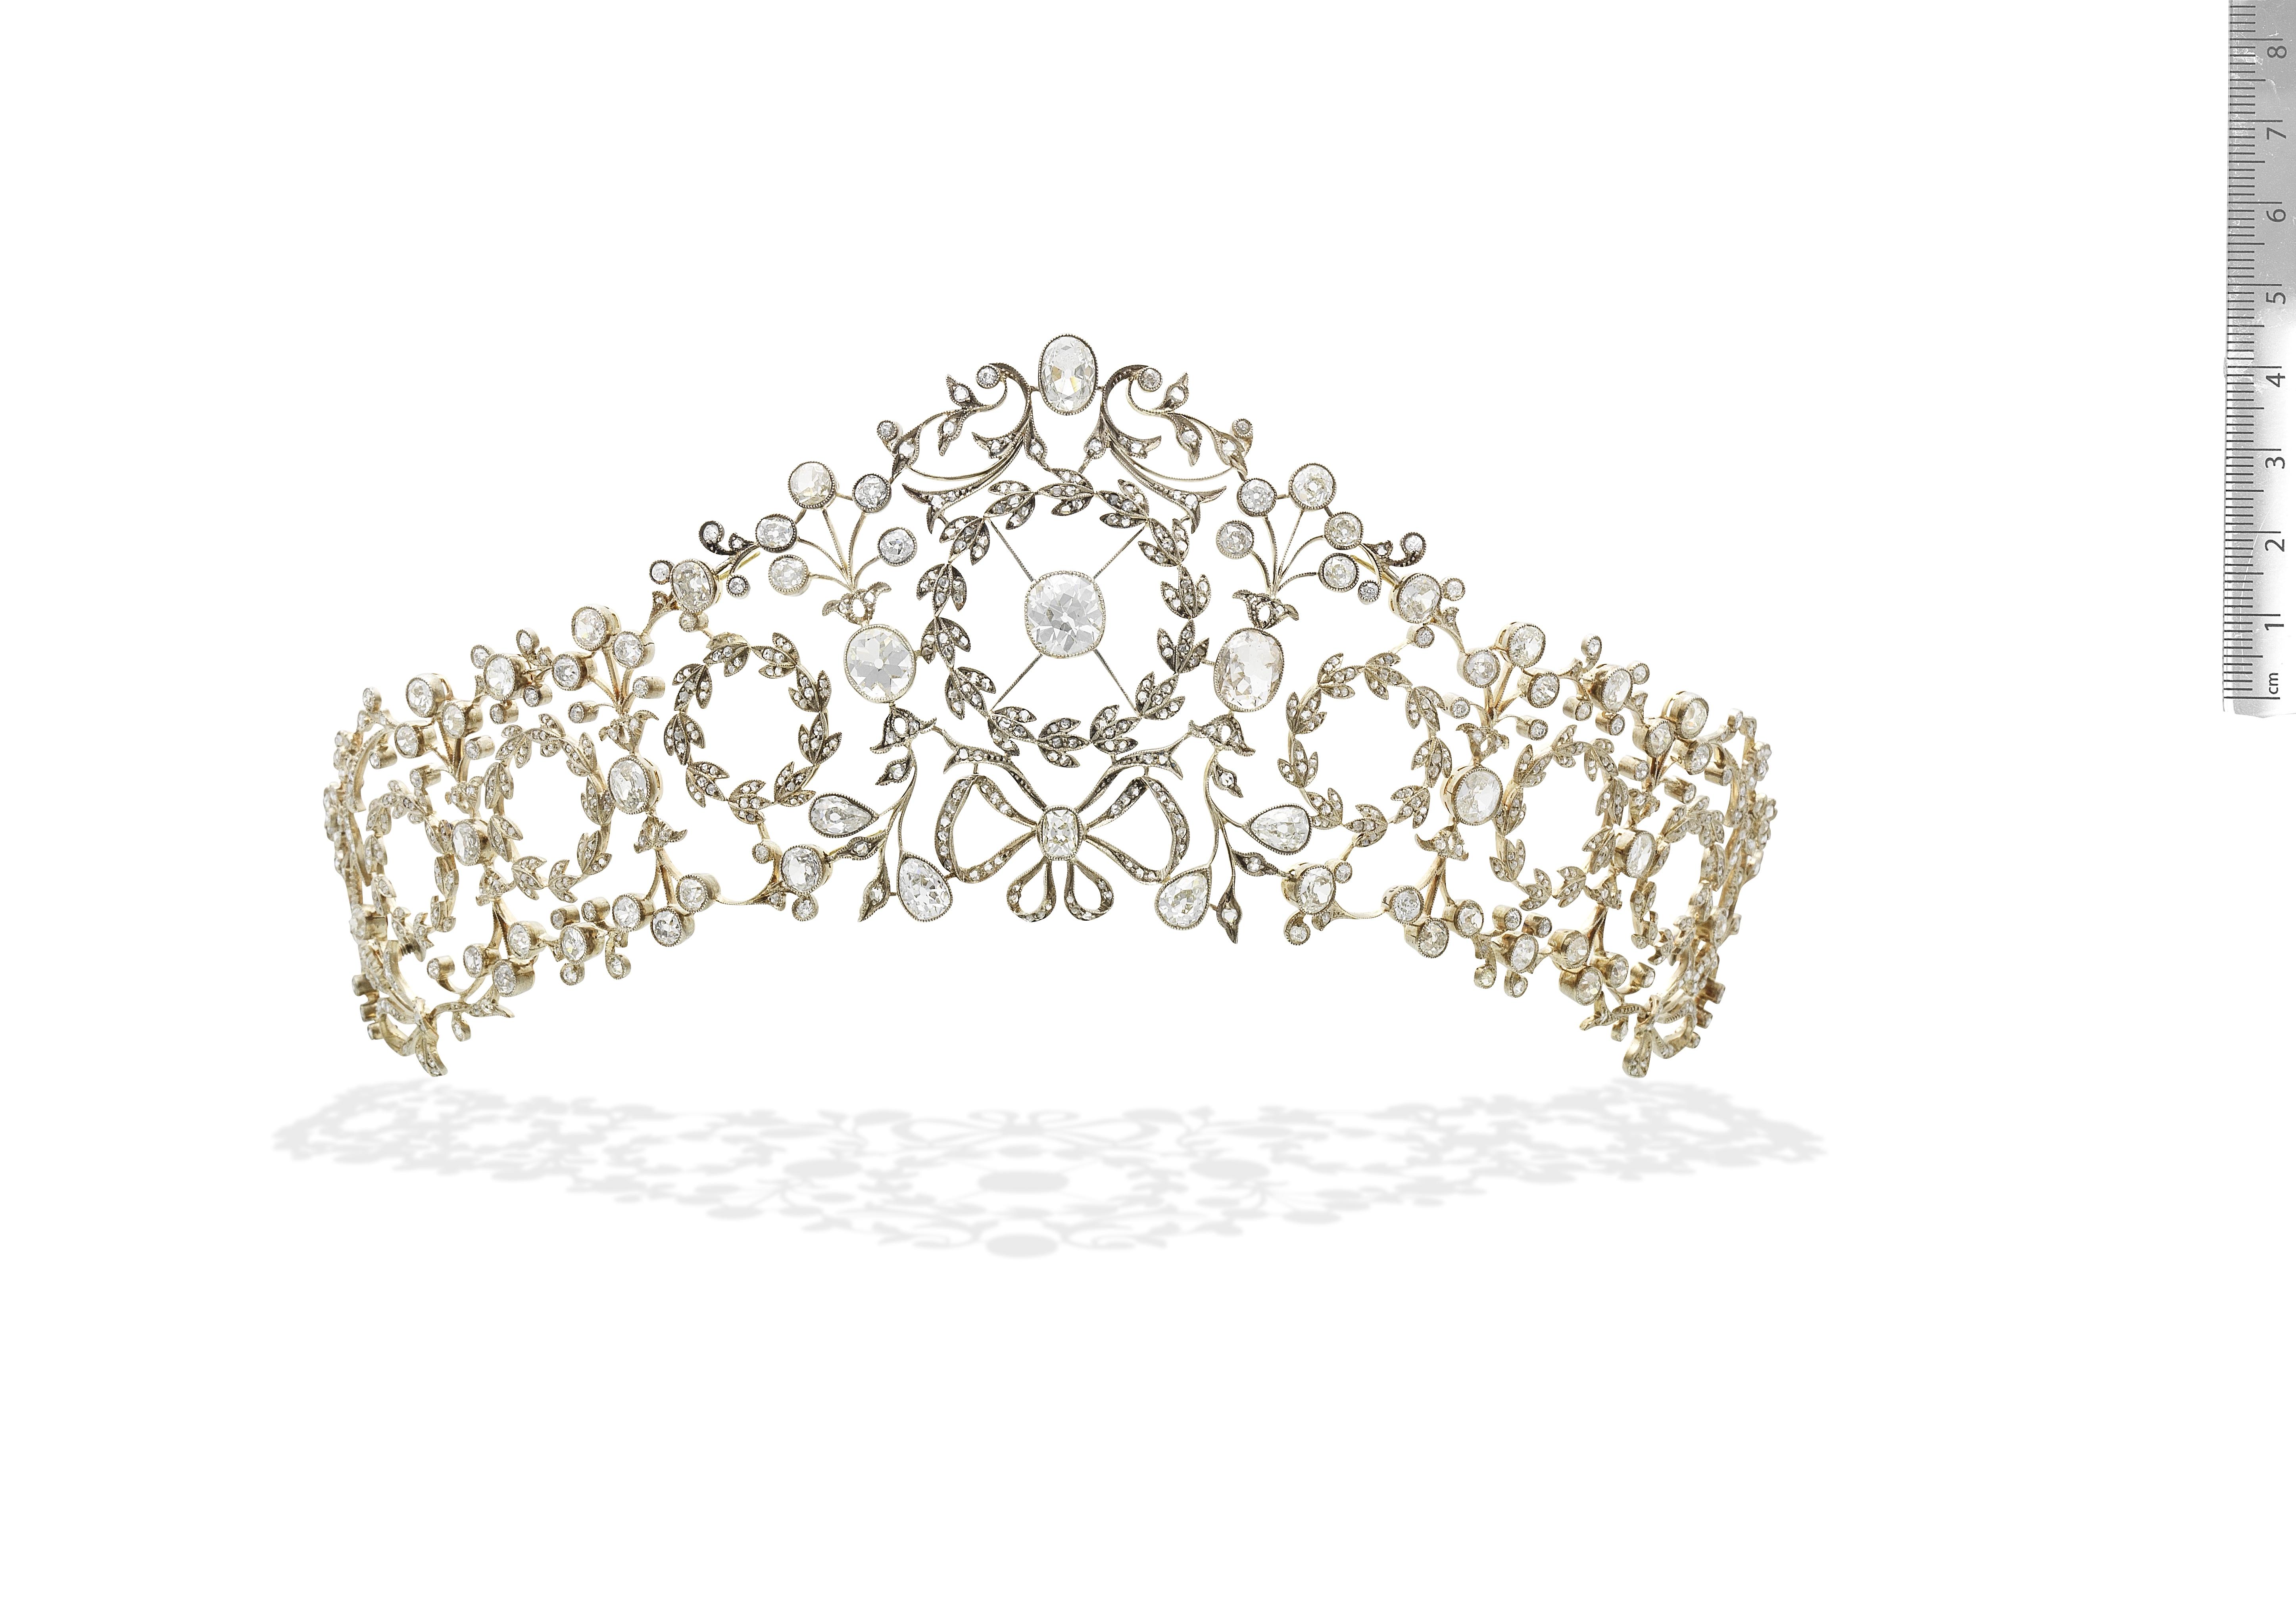 ATTRIBUTED TO GIUSEPPE KNIGHT: BELLE ÉPOQUE DIAMOND TIARA, CIRCA 1905